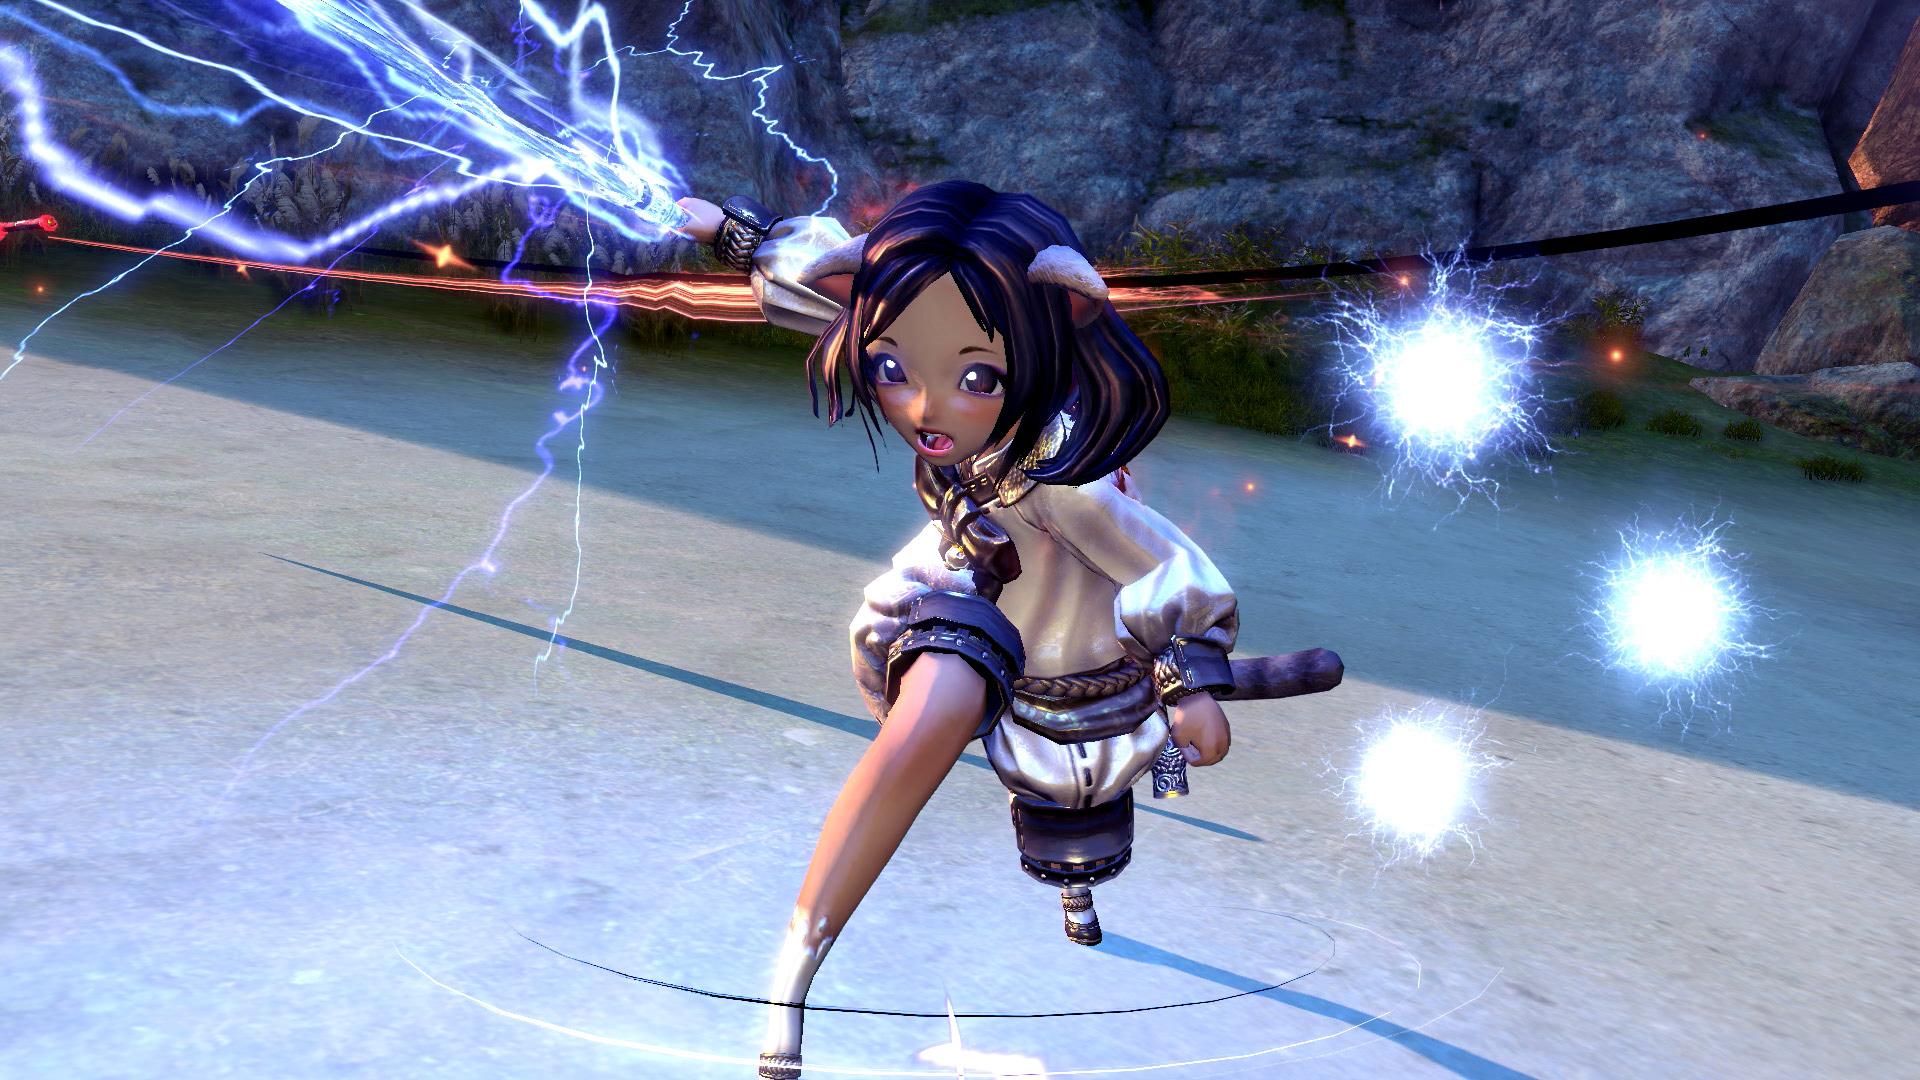 Подробности о Blade & Soul S — мобильном приквеле к известной MMORPG